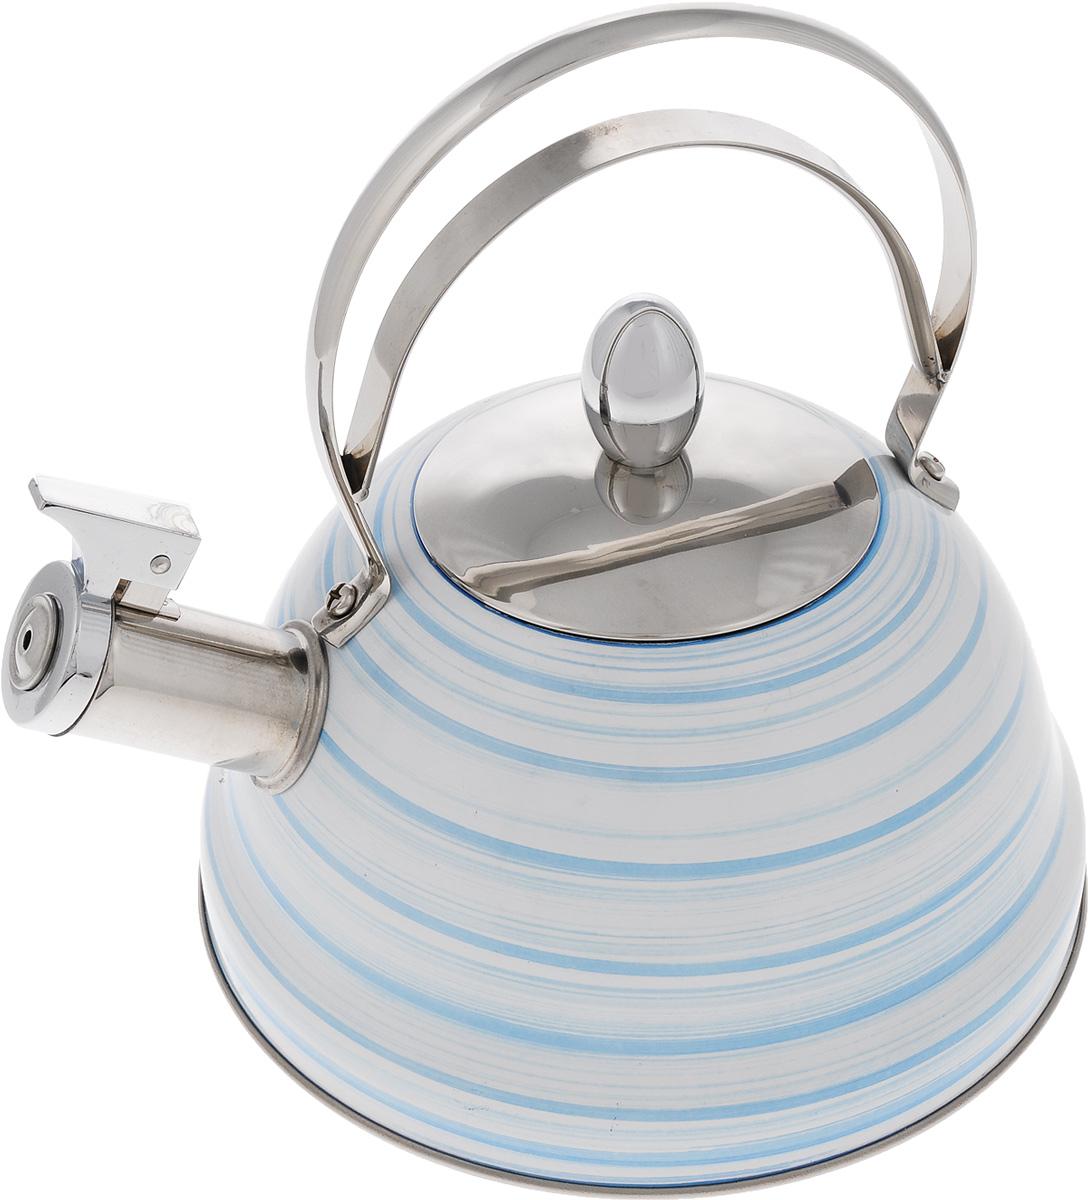 """Чайник """"Mayer & Boch"""" выполнен из высококачественной нержавеющей стали, что делает его весьма гигиеничным и устойчивым к износу при длительном использовании. Капсулированное дно с прослойкой из алюминия обеспечивает наилучшее распределение тепла. Носик чайника оснащен насадкой-свистком, звуковой сигнал которого подскажет, когда закипит вода. Фиксированная ручка из нержавеющей стали, делает использование чайника очень удобным и безопасным. Поверхность чайника гладкая, что облегчает уход за ним. Эстетичный и функциональный, с эксклюзивным дизайном, чайник будет оригинально смотреться в любом интерьере.Подходит для всех типов плит, включая индукционные. Можно мыть в посудомоечной машине. Высота чайника (без учета ручки и крышки): 10,5 см.Высота чайника (с учетом ручки и крышки): 23 см.Диаметр чайника (по верхнему краю): 10 см."""